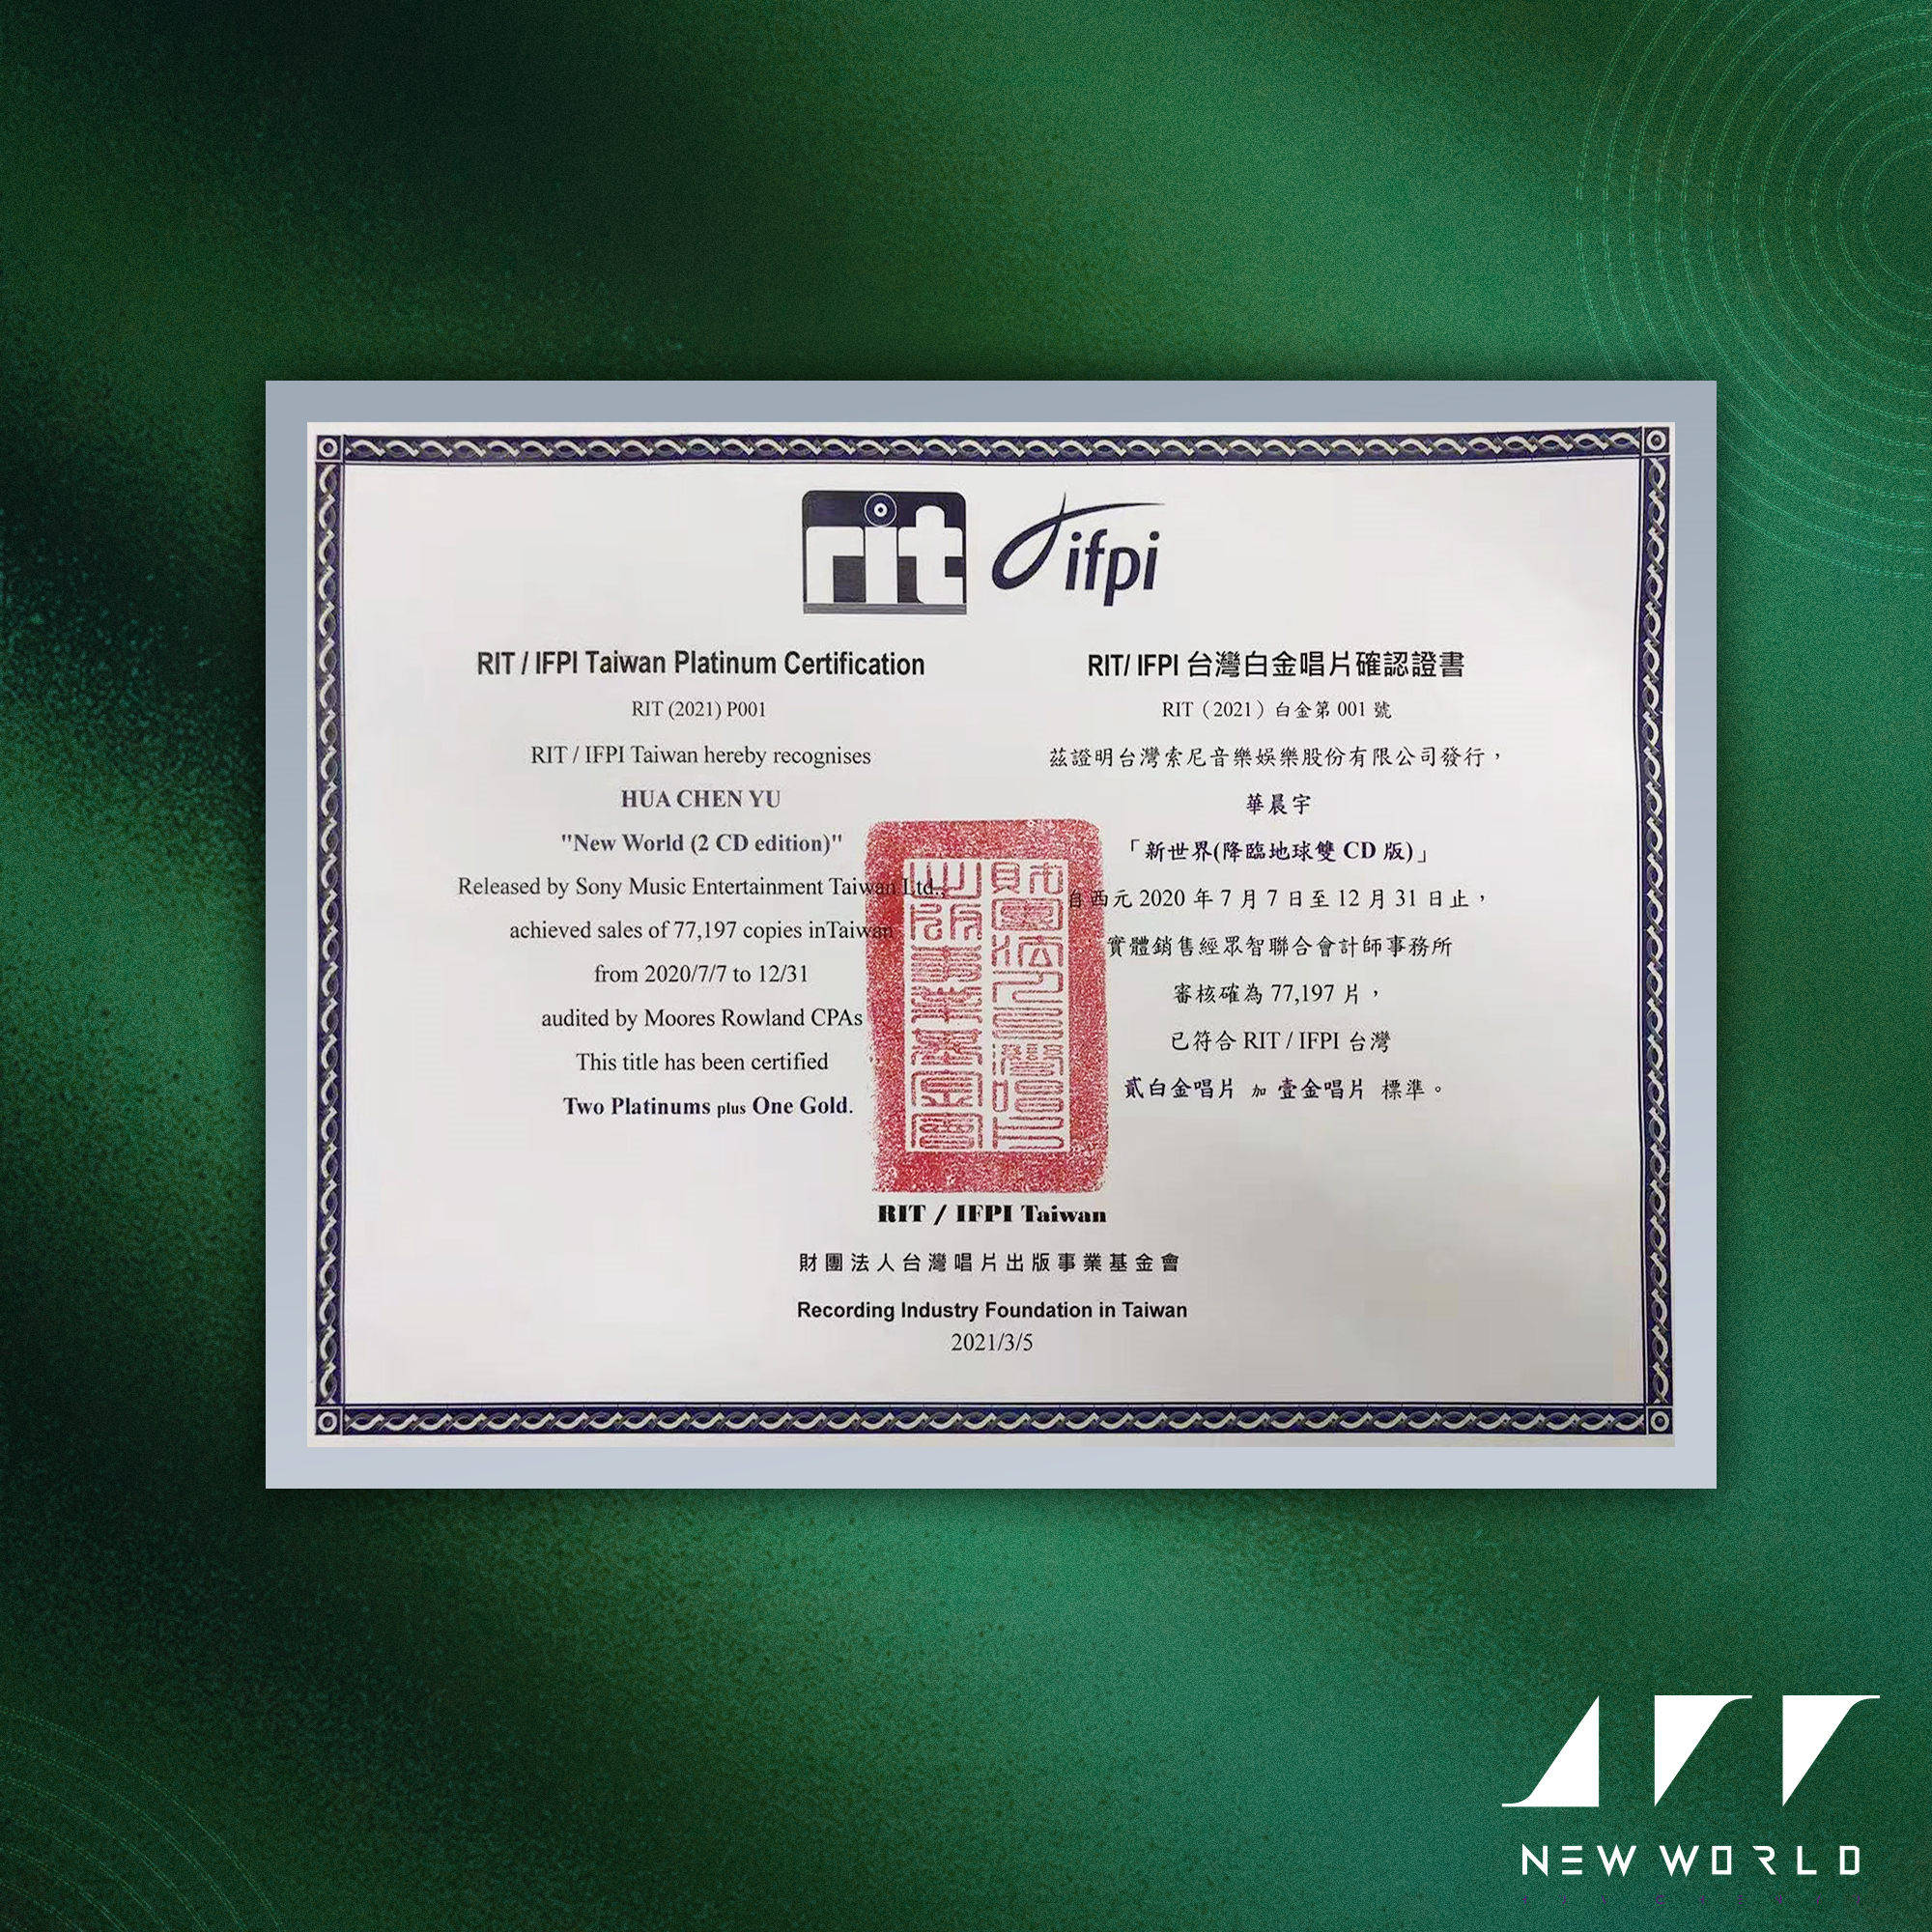 华晨宇《新世界NEW WORLD》铸造实体销量奇迹 市场认证的号召力